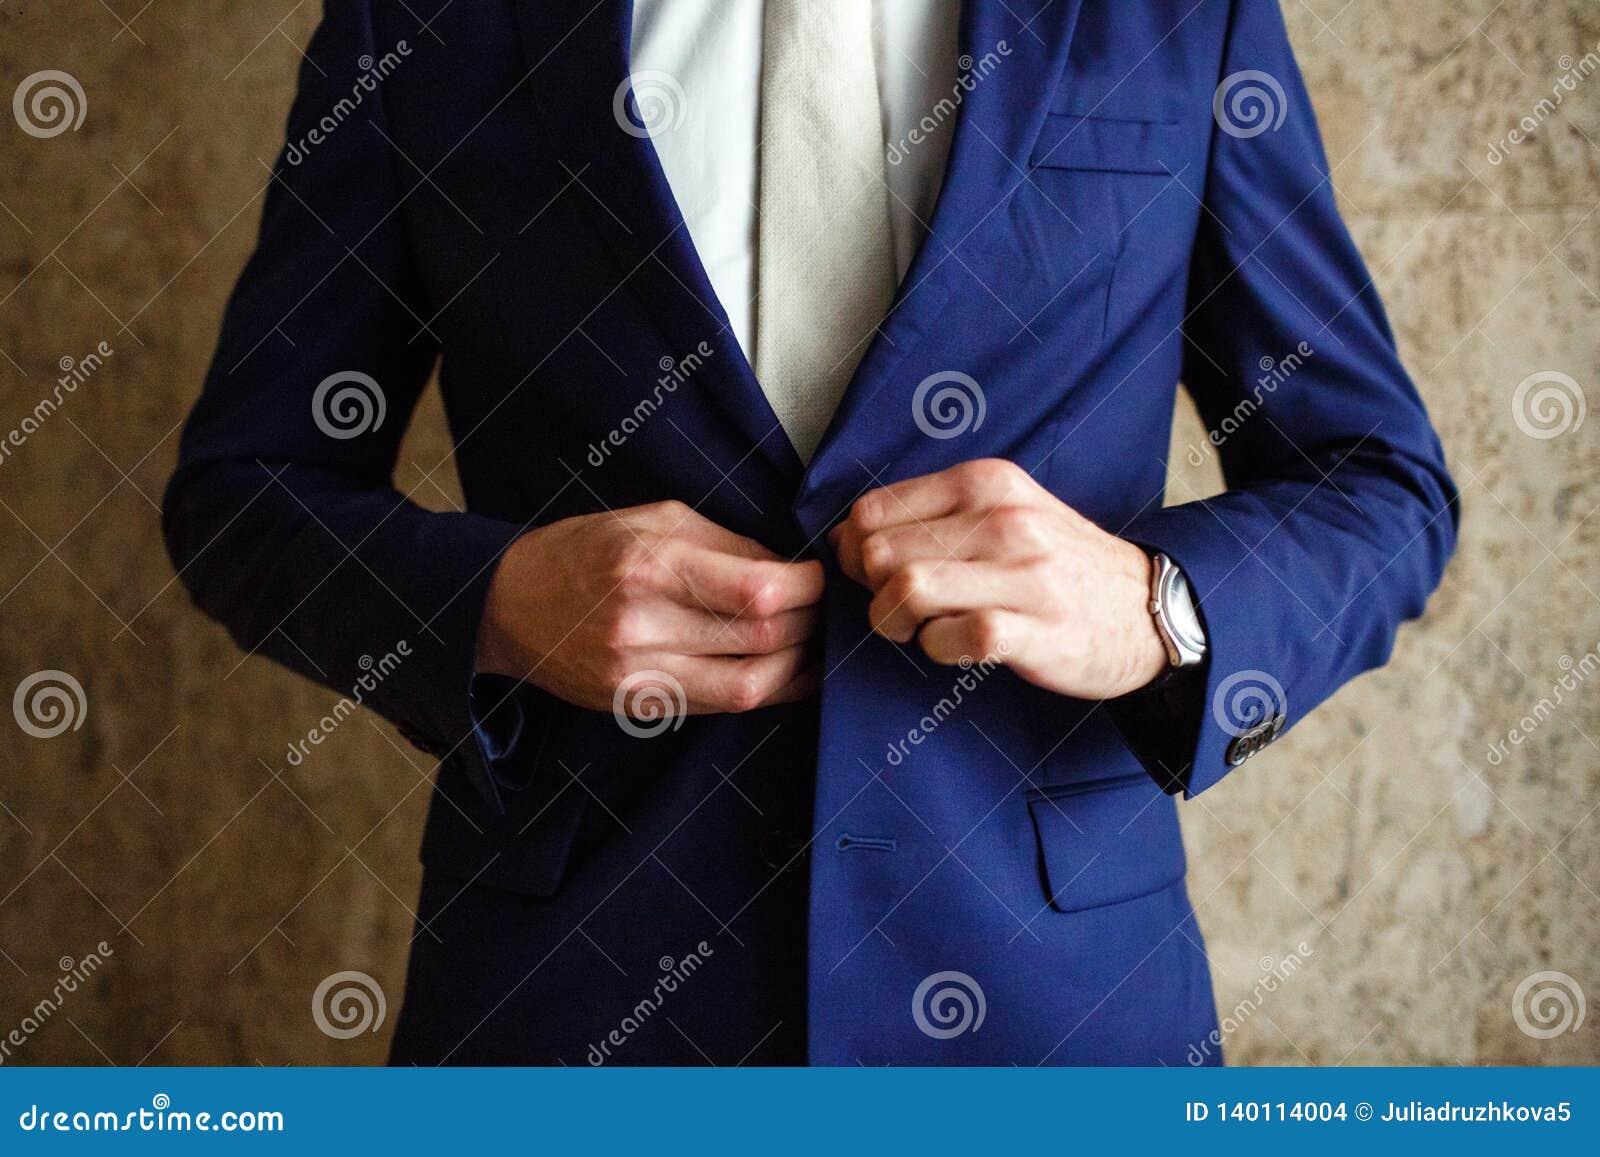 Ένα άτομο στερεώνει τη μπλε ζακέτα κουμπιών σε ετοιμότητα του το ρολόι του